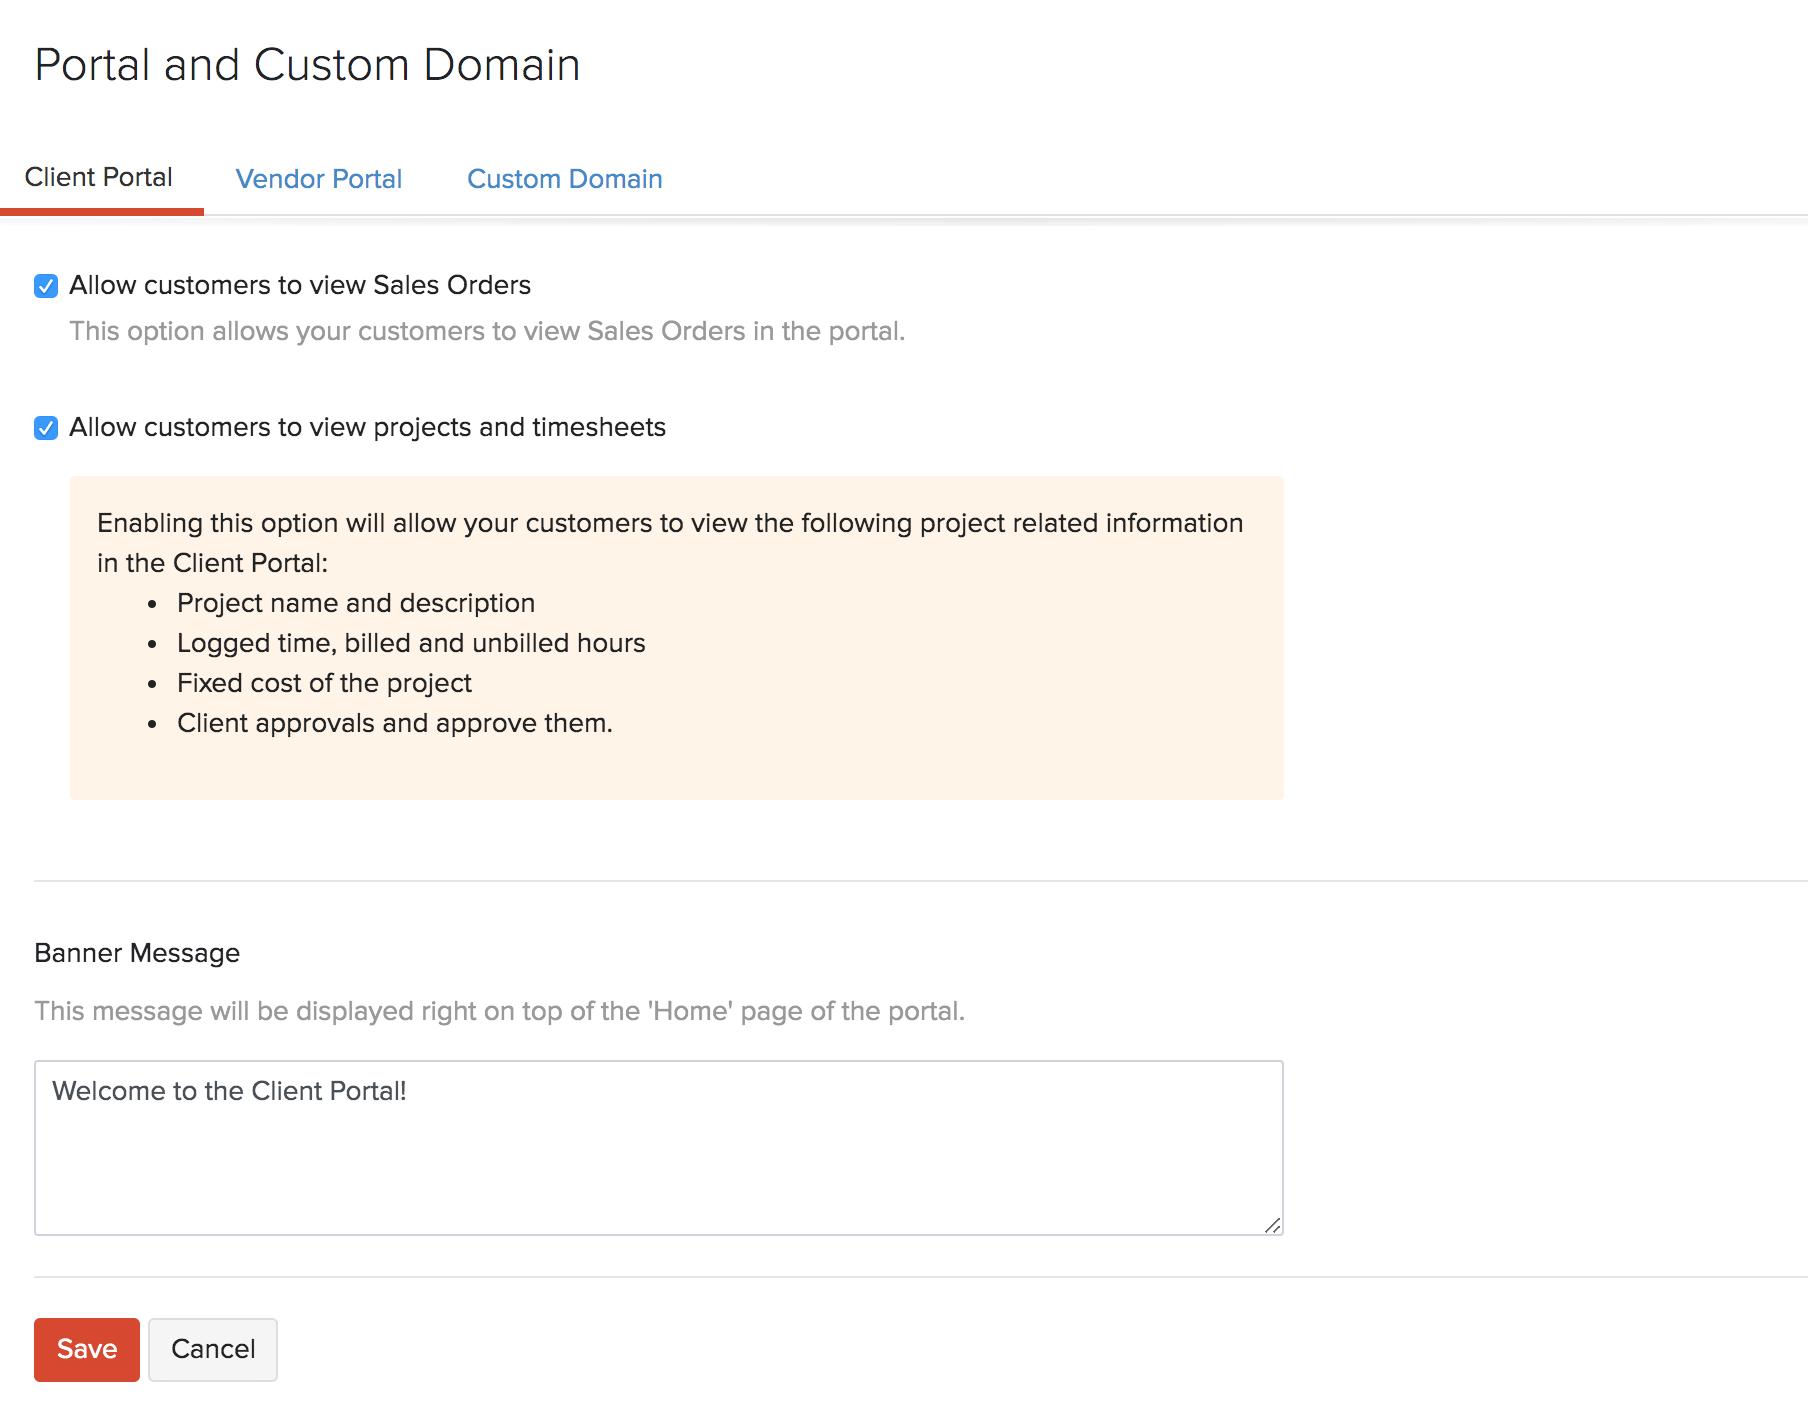 Portal Preference